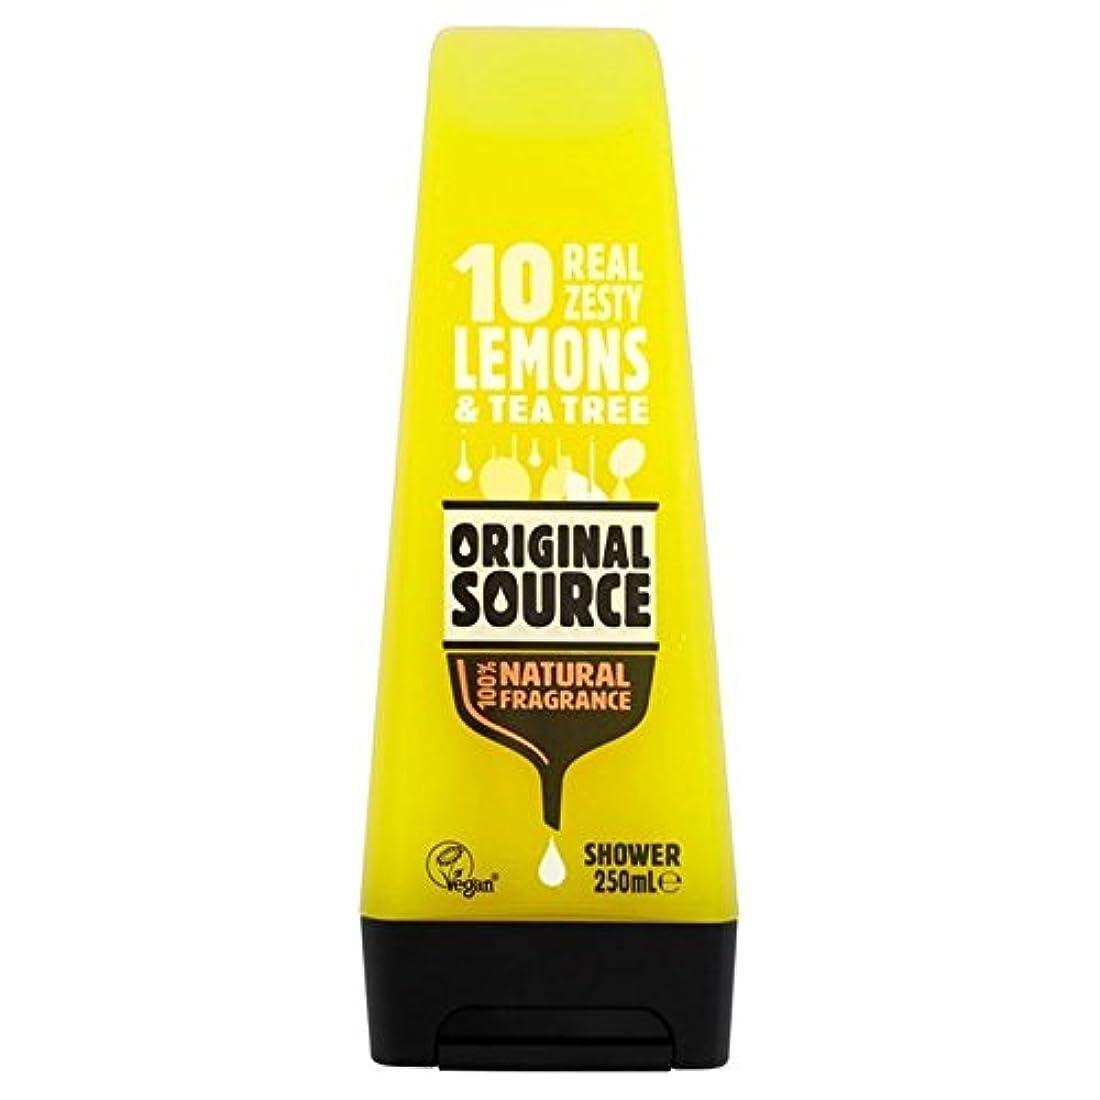 テレマコス統合する私の元のソースのレモンシャワージェル250ミリリットル x2 - Original Source Lemon Shower Gel 250ml (Pack of 2) [並行輸入品]